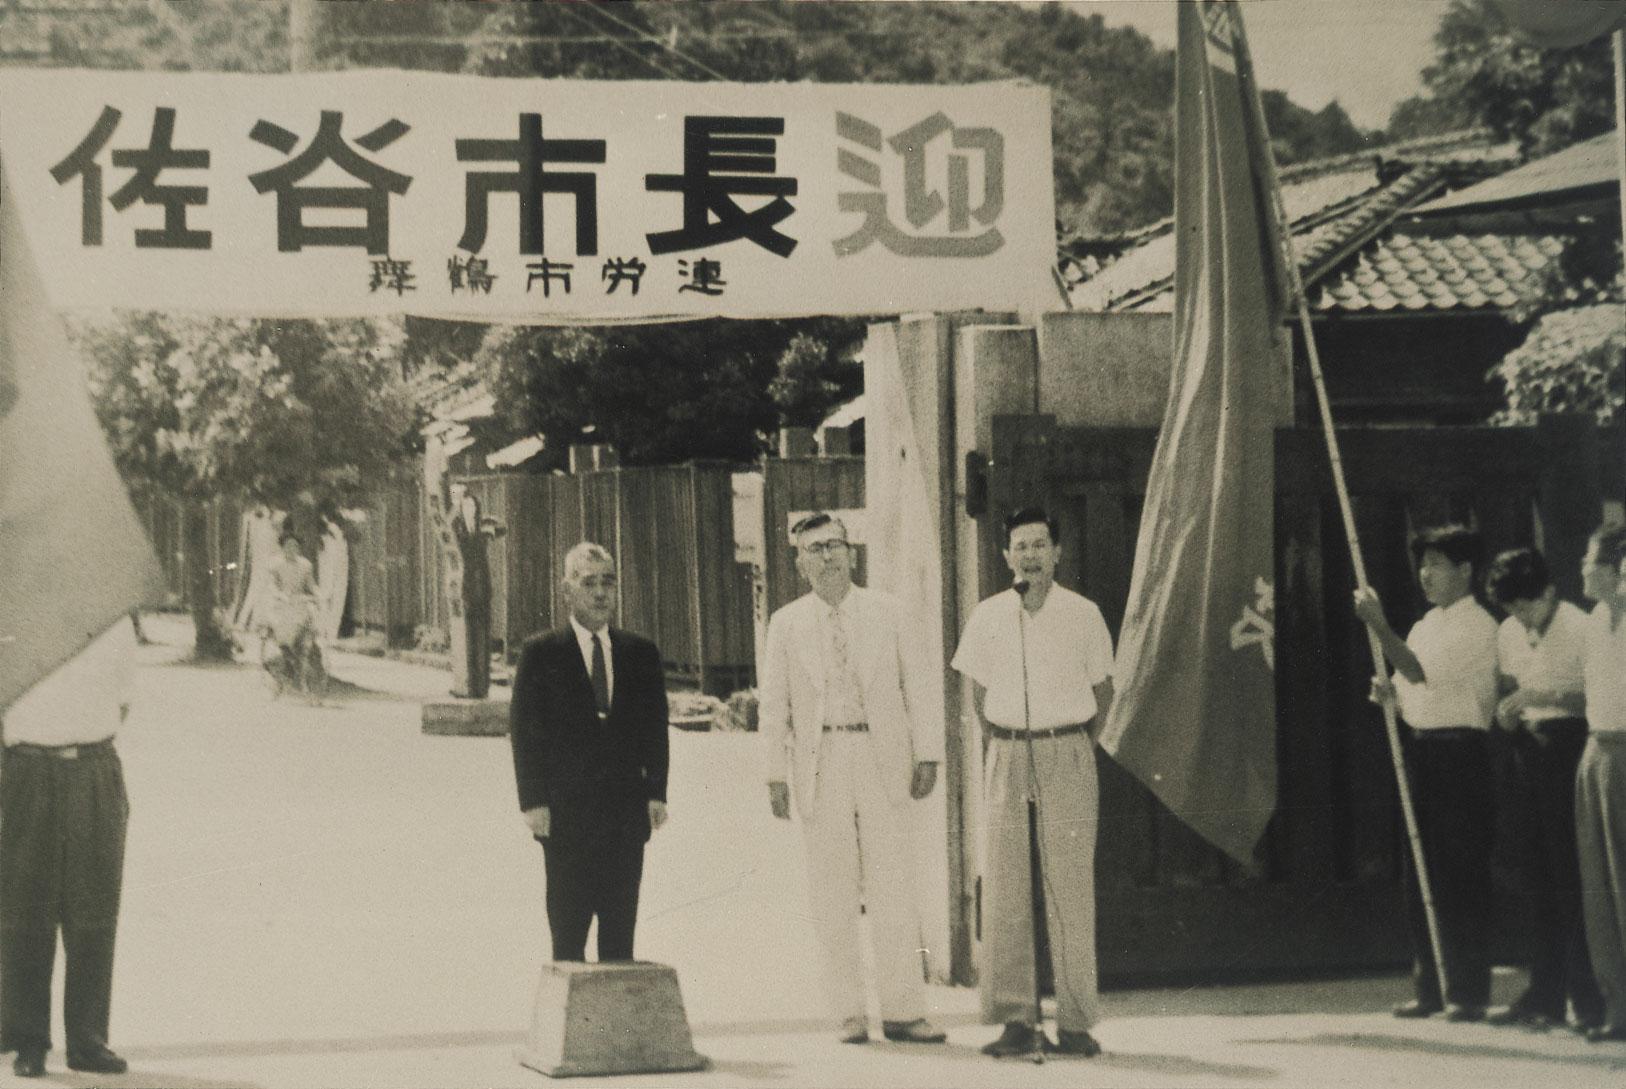 歓迎 佐谷舞鶴市長